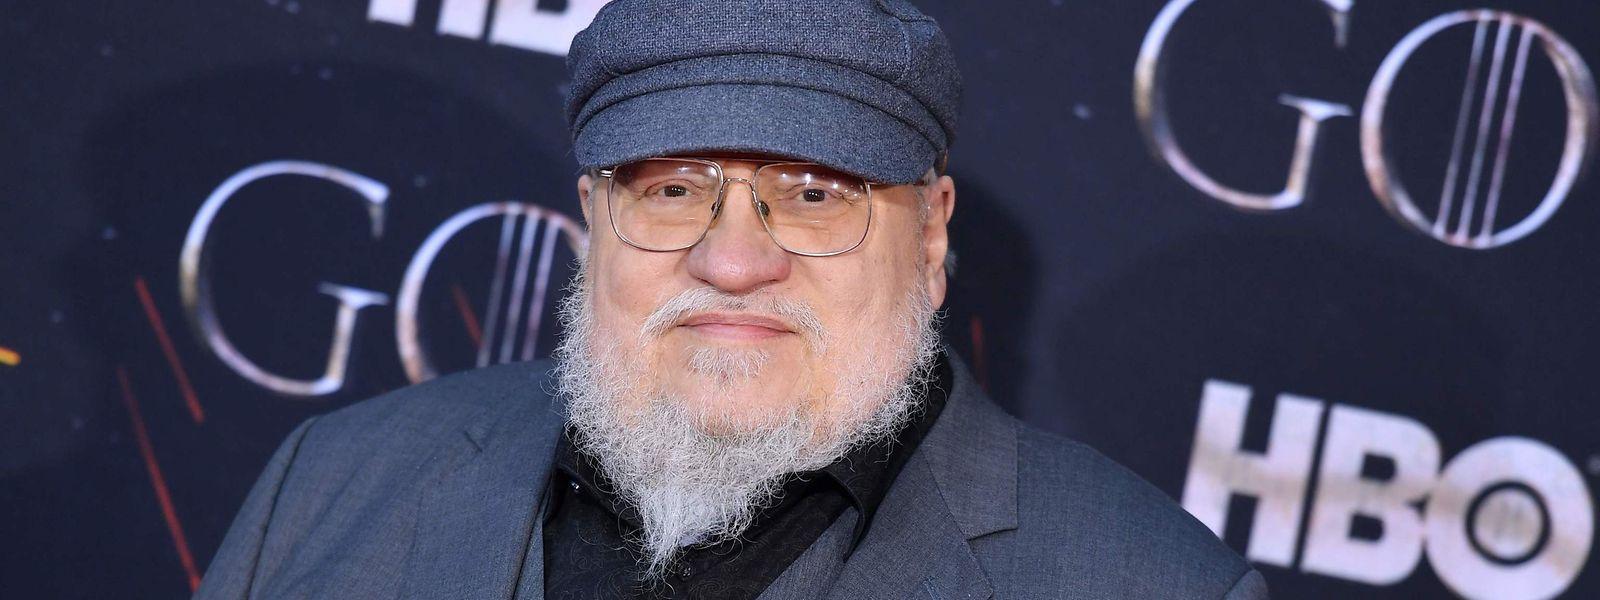 """George R. R. Martin lieferte die Vorlagen für die erfolgreiche Serie """"Game of Thrones""""  -  und auch diesmal sieht es so aus, als wenn die Serie wieder viele Preise bei den diesjährigen Emmys gewinnen wird."""